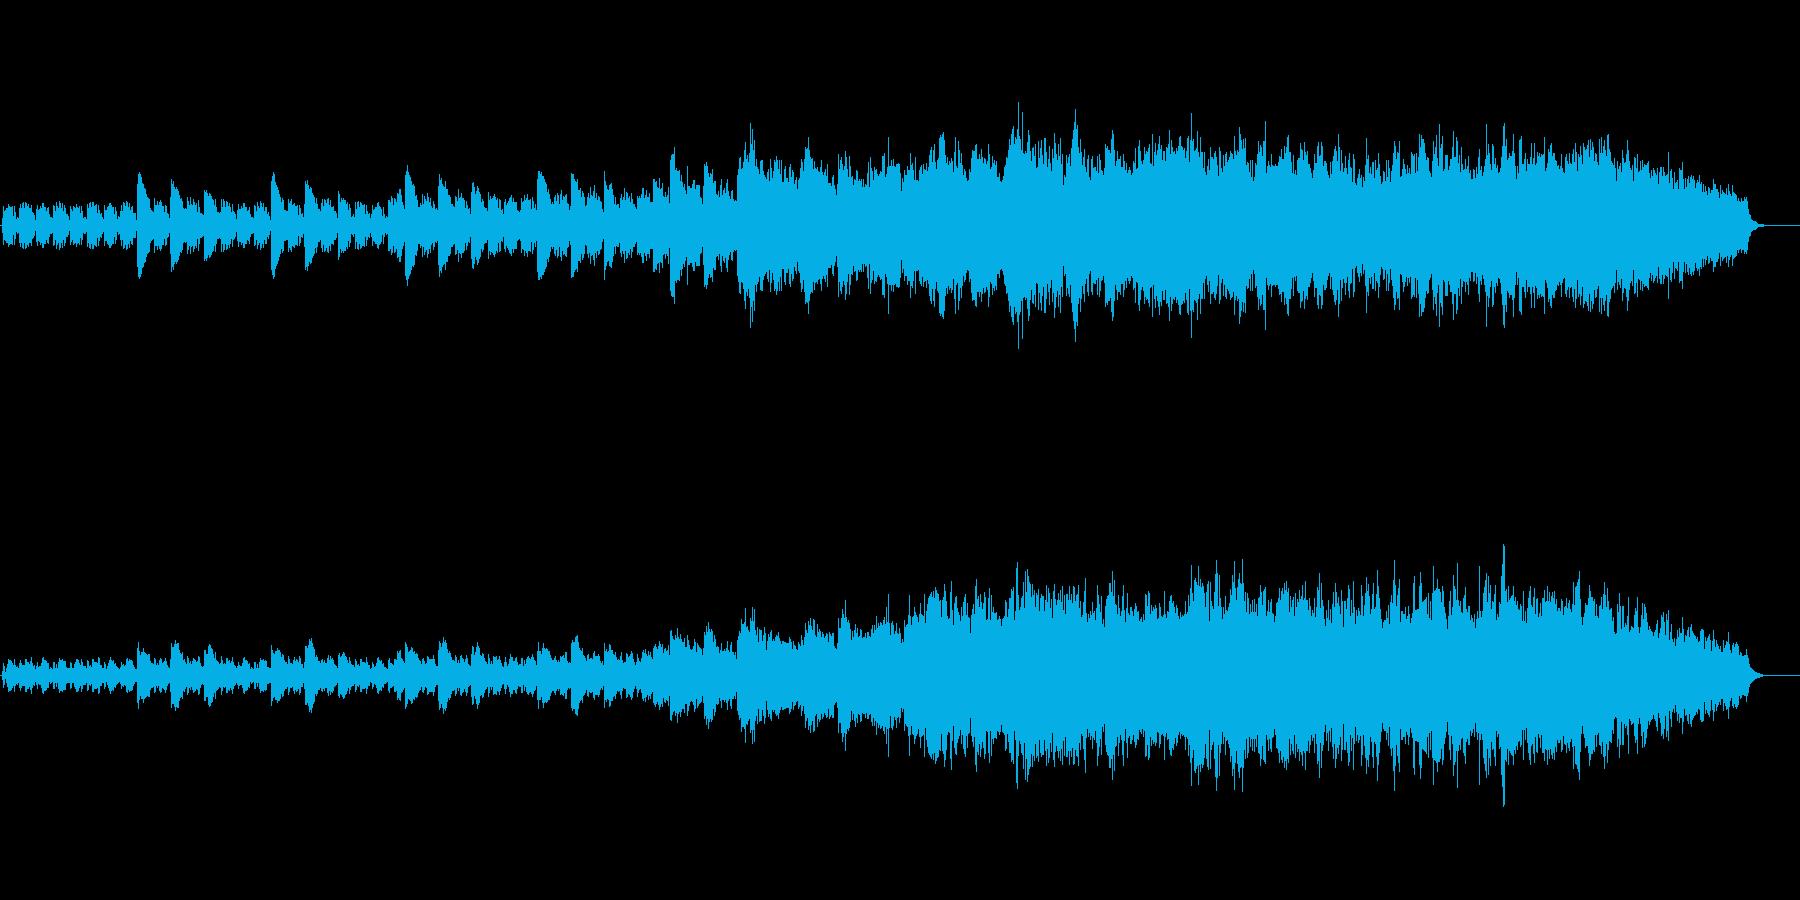 チェレスタが印象的な幻想的な曲の再生済みの波形